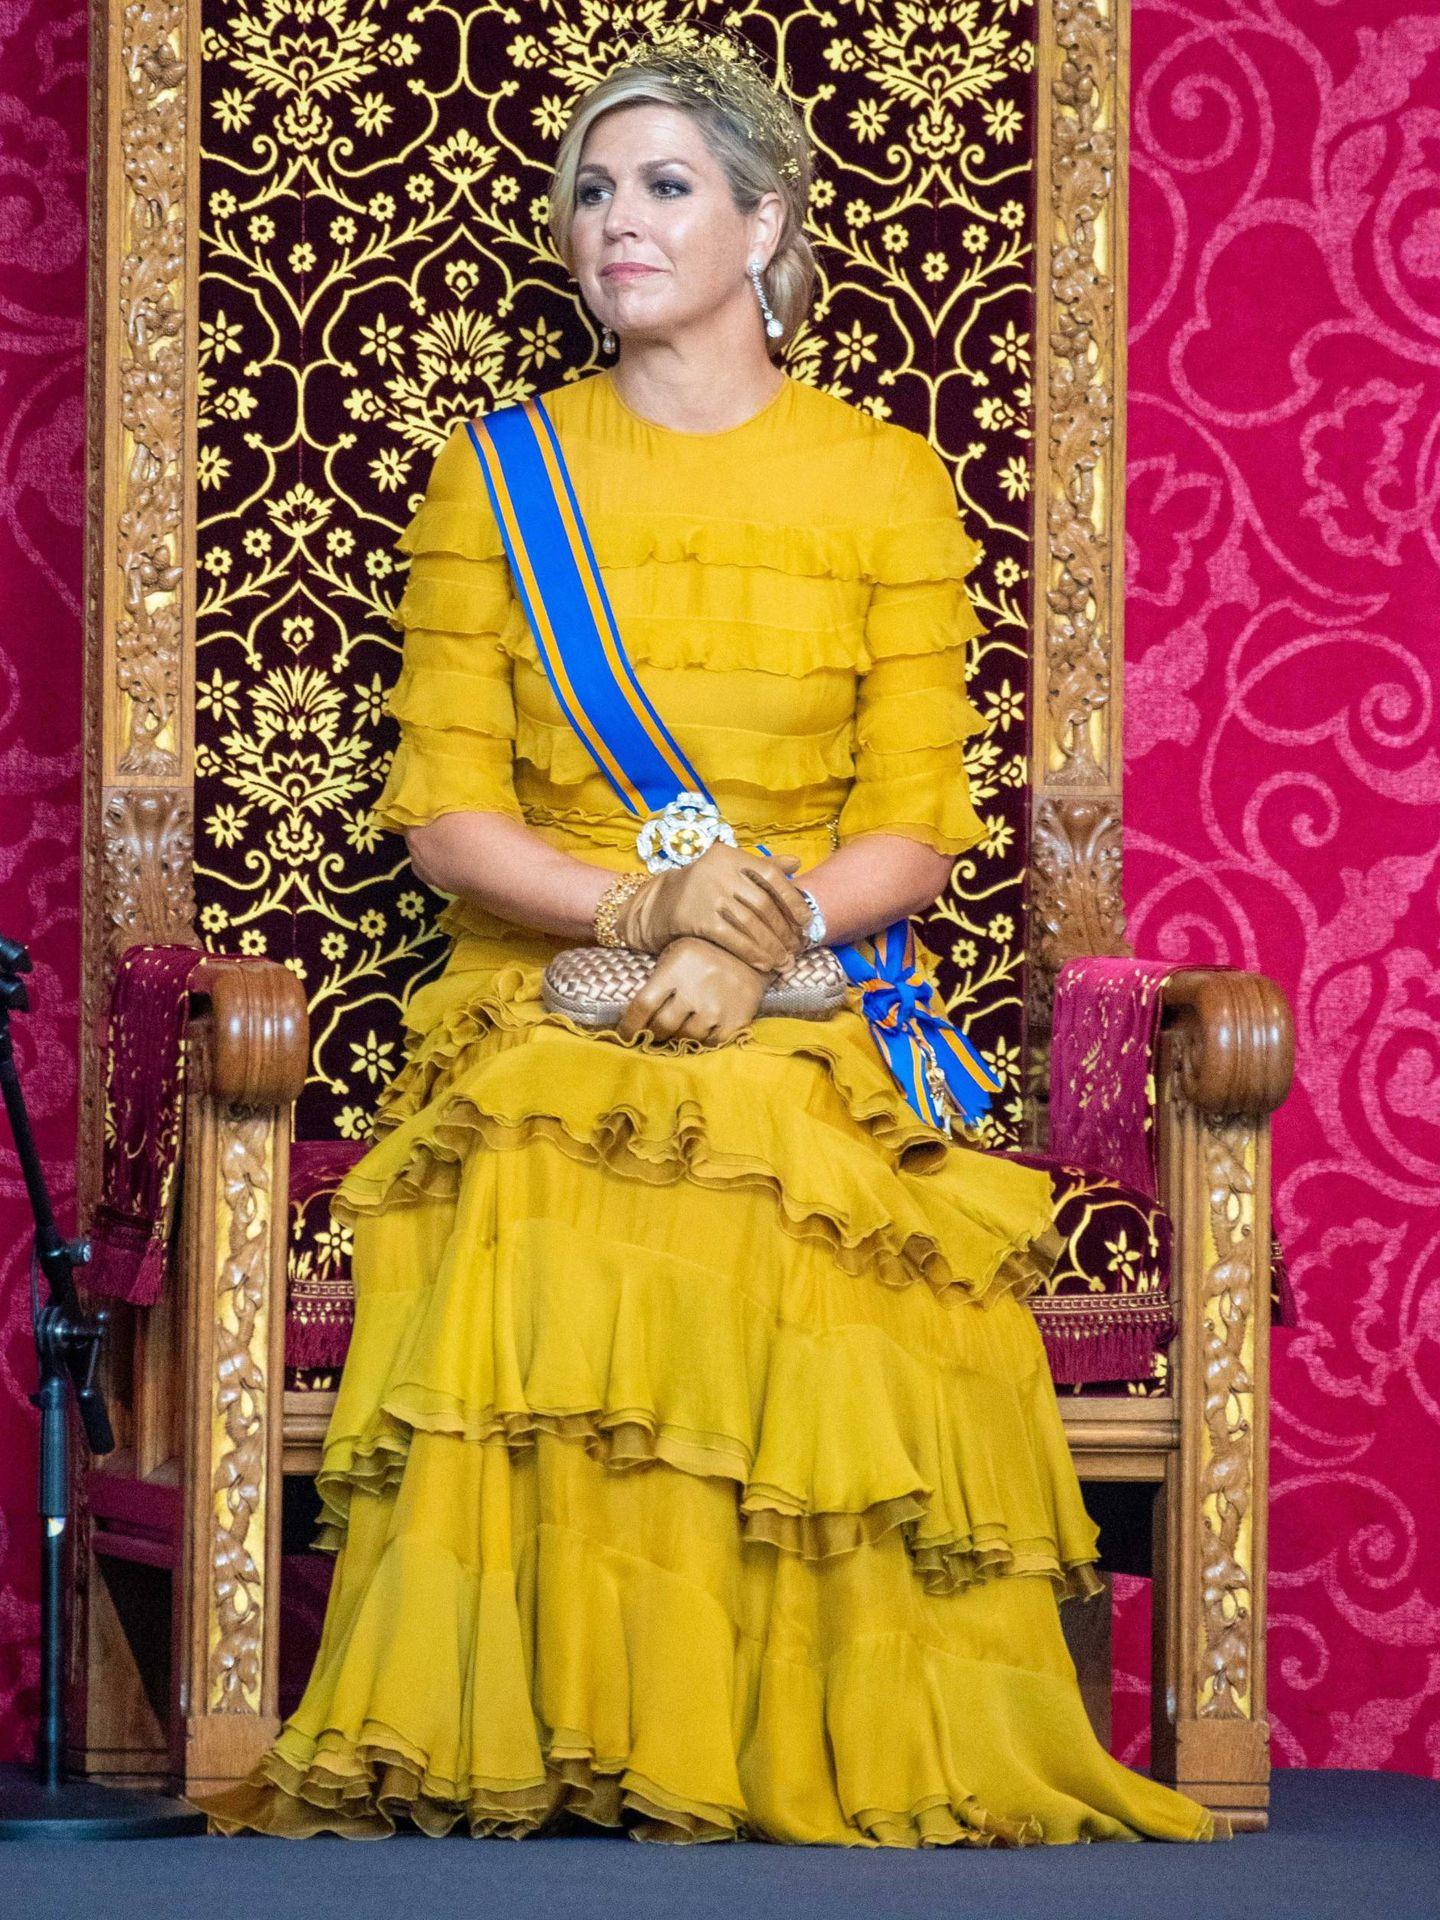 Máxima, en las celebraciones del Prinsjesdag de 2020. (Cordon Press)